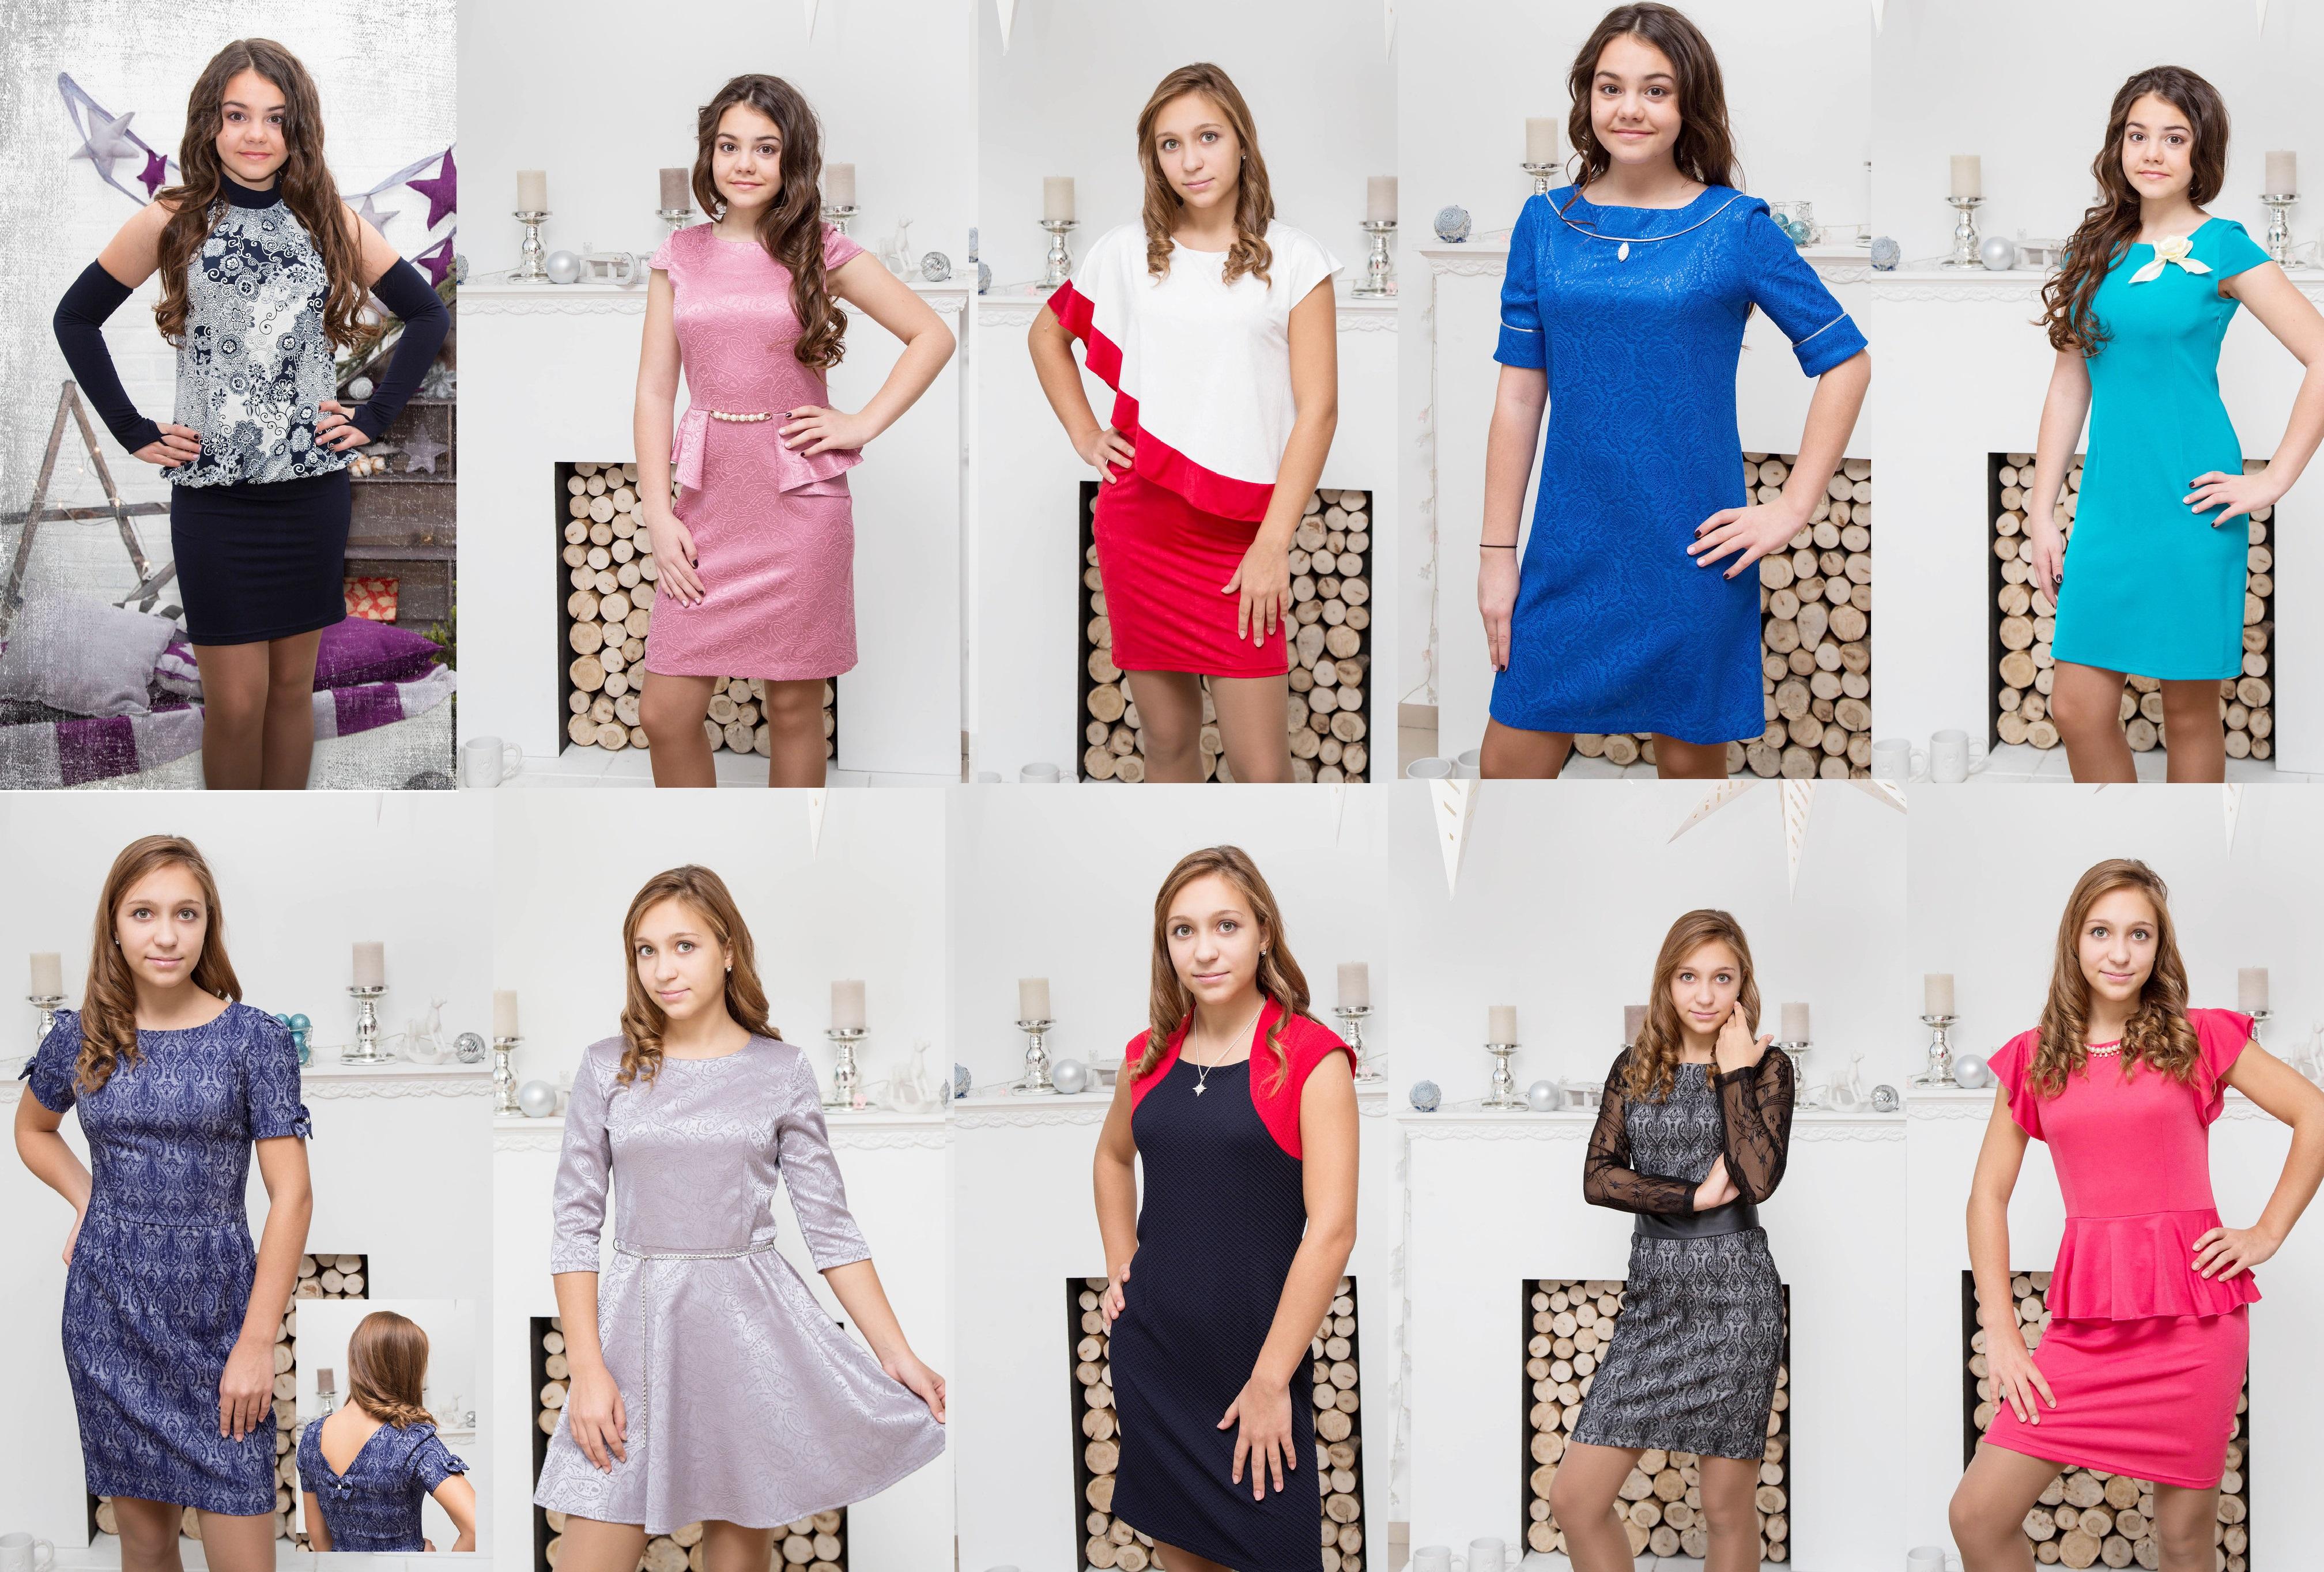 На подходе самый замечательный праздник в году! Предлагаю шикарные модели коктейльных платьев,чтобы Ваши юные модницы были не отразимы в этот день!!!!